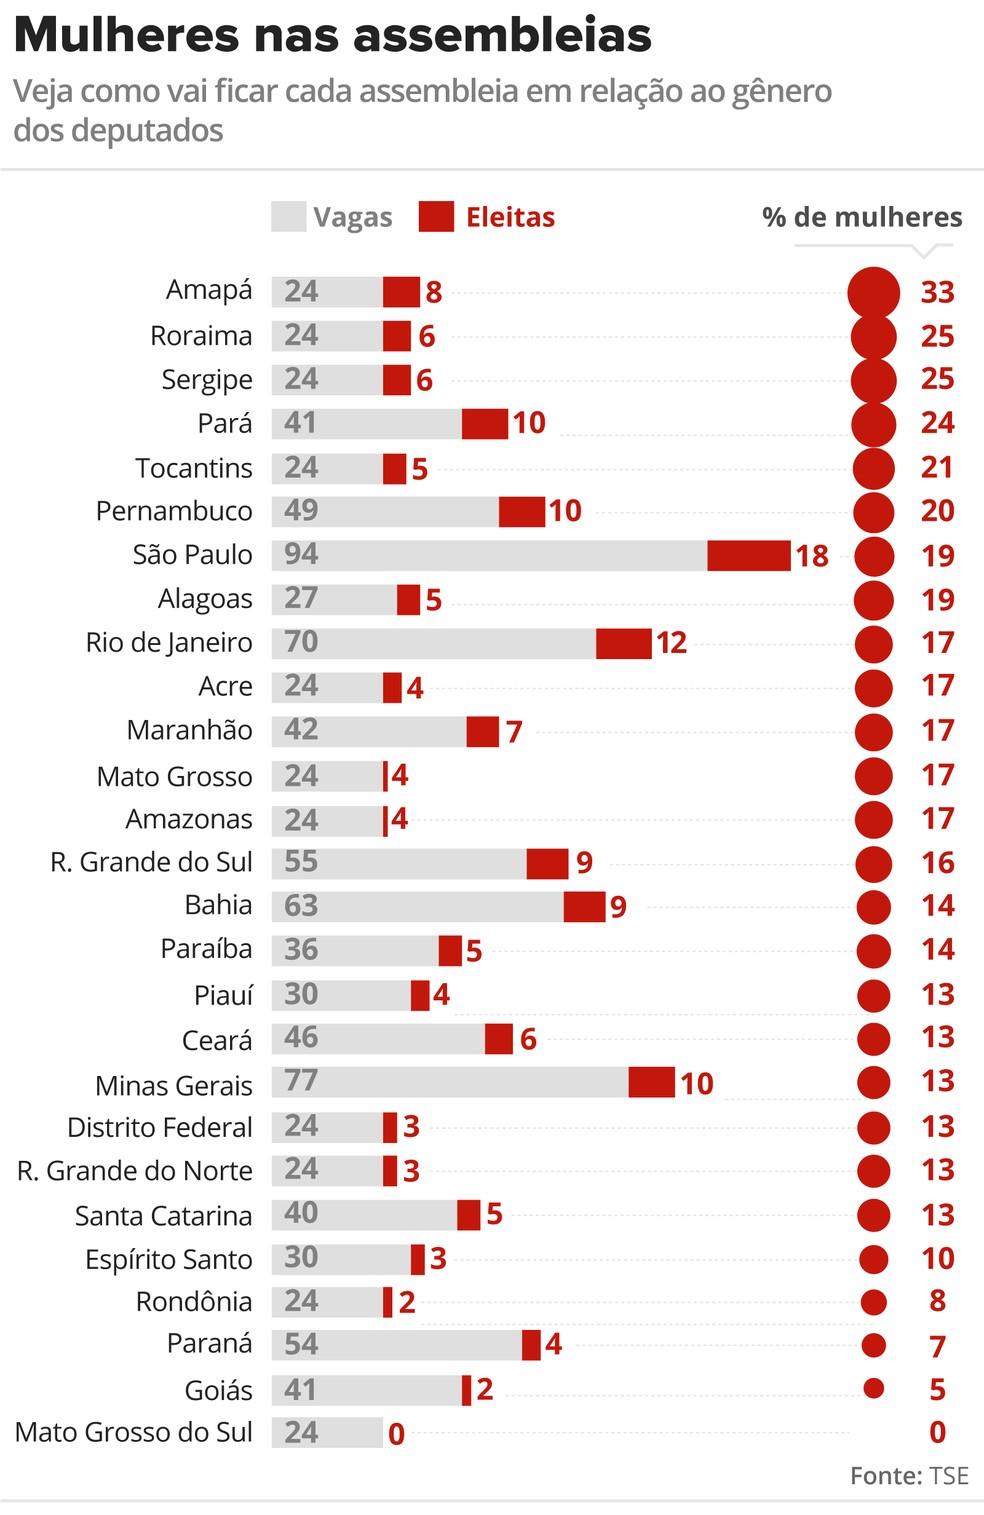 Mulheres nas assembleias: veja como vai ficar cada assembleia em relação ao gênero dos deputados (Foto: Rodrigo Cunha / G1)